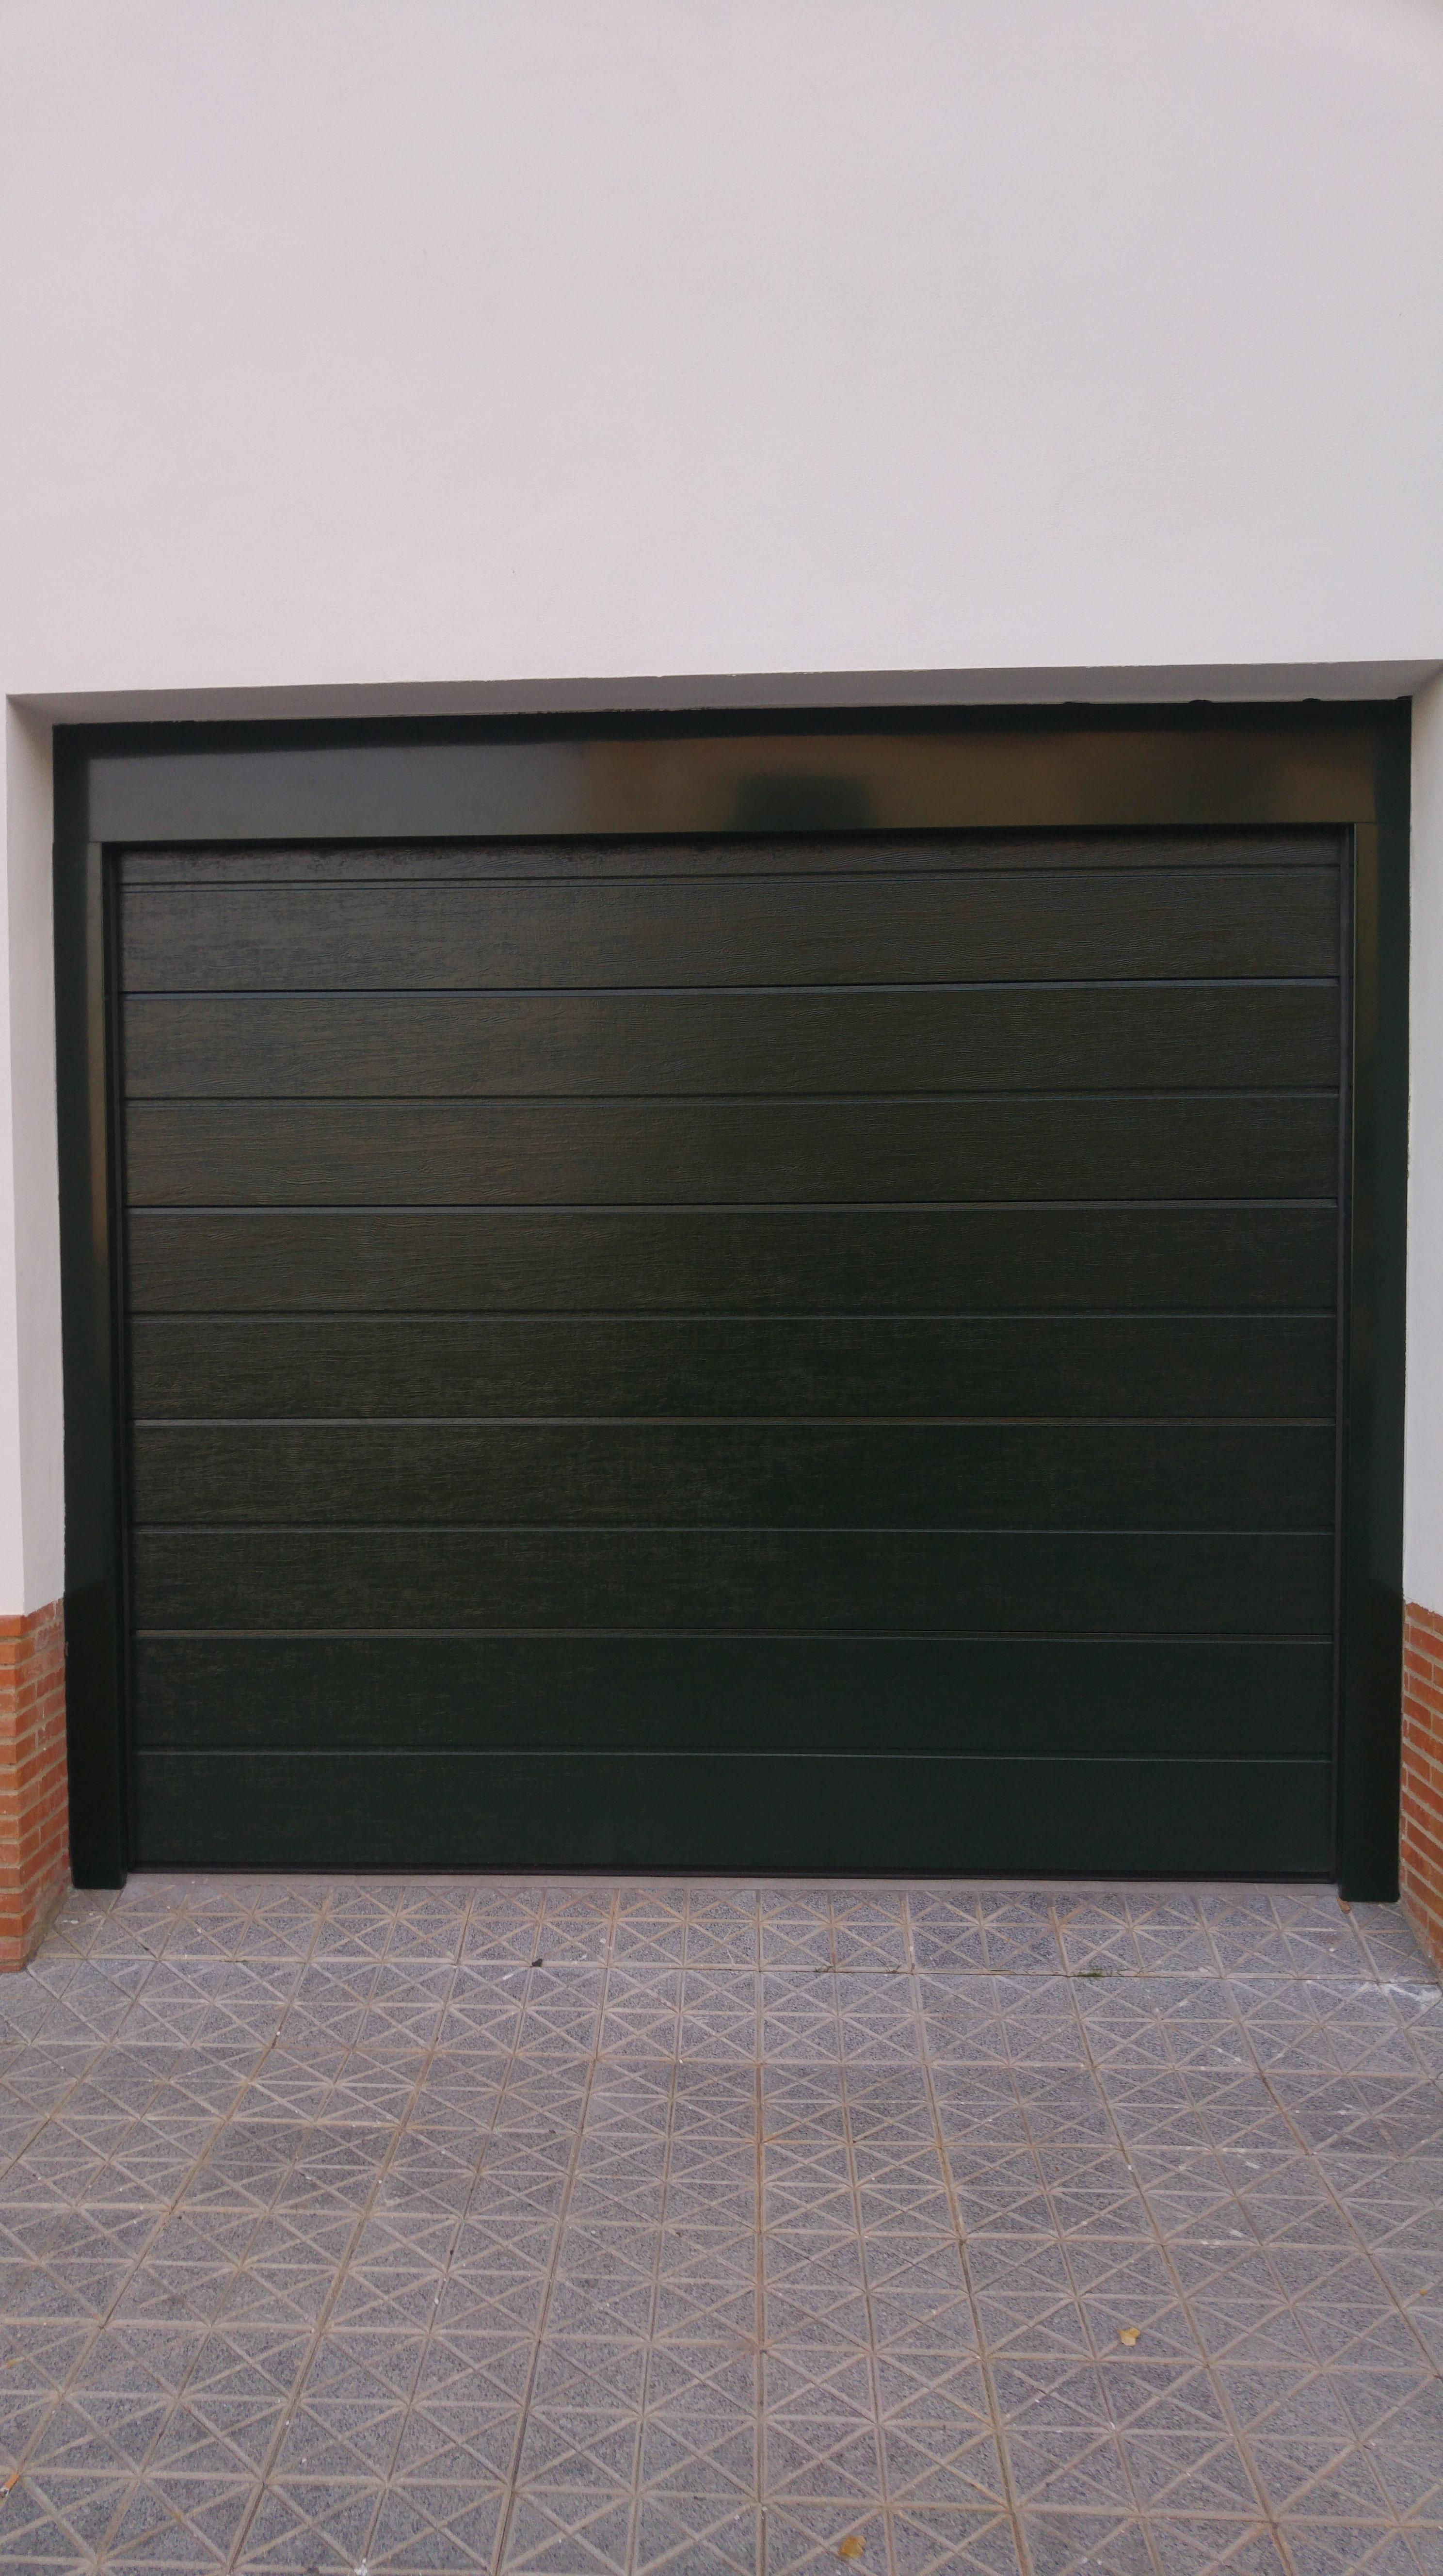 Puertas de garaje y cancelas puertas automaticas mena for Puertas automaticas garaje